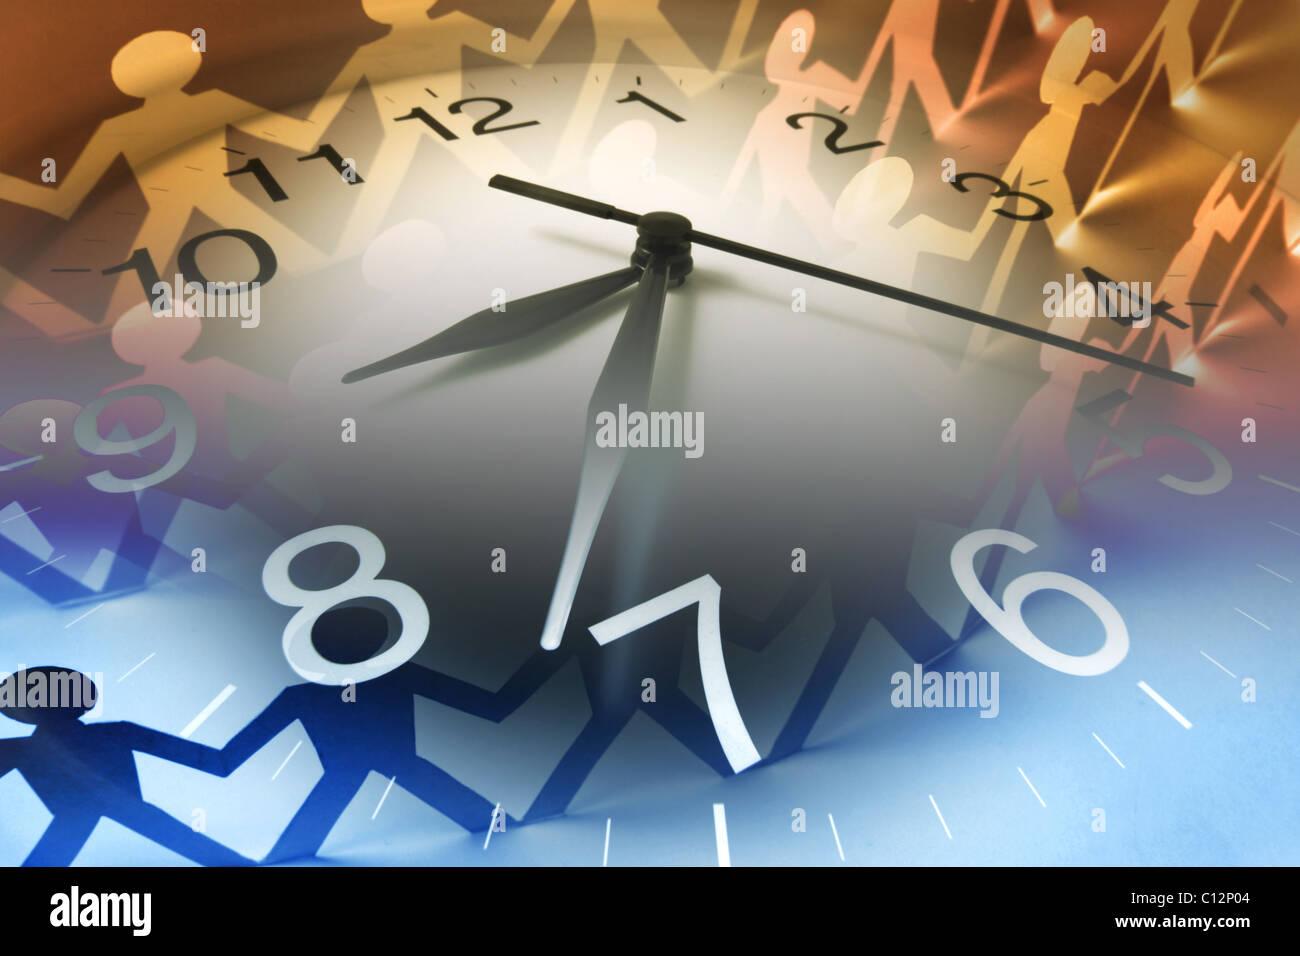 Papierpuppen Kette und Uhr Stockbild